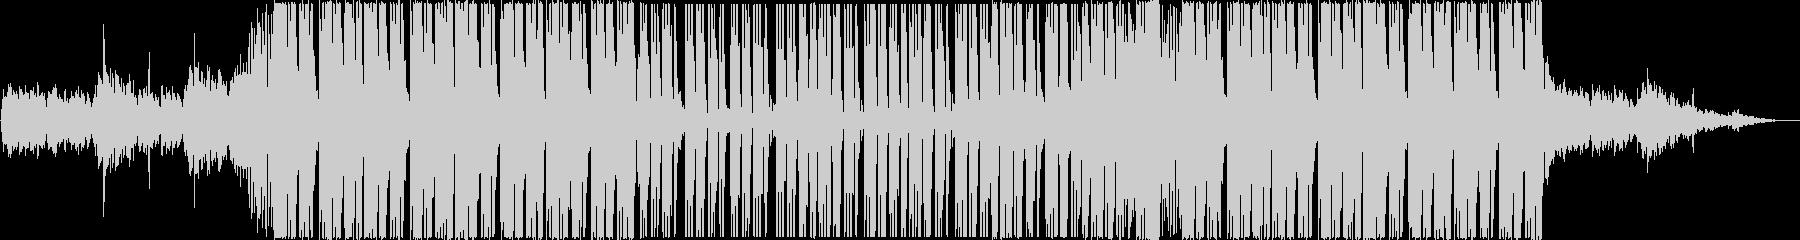 ゆったりとしたトロピカルハウスEDMの未再生の波形